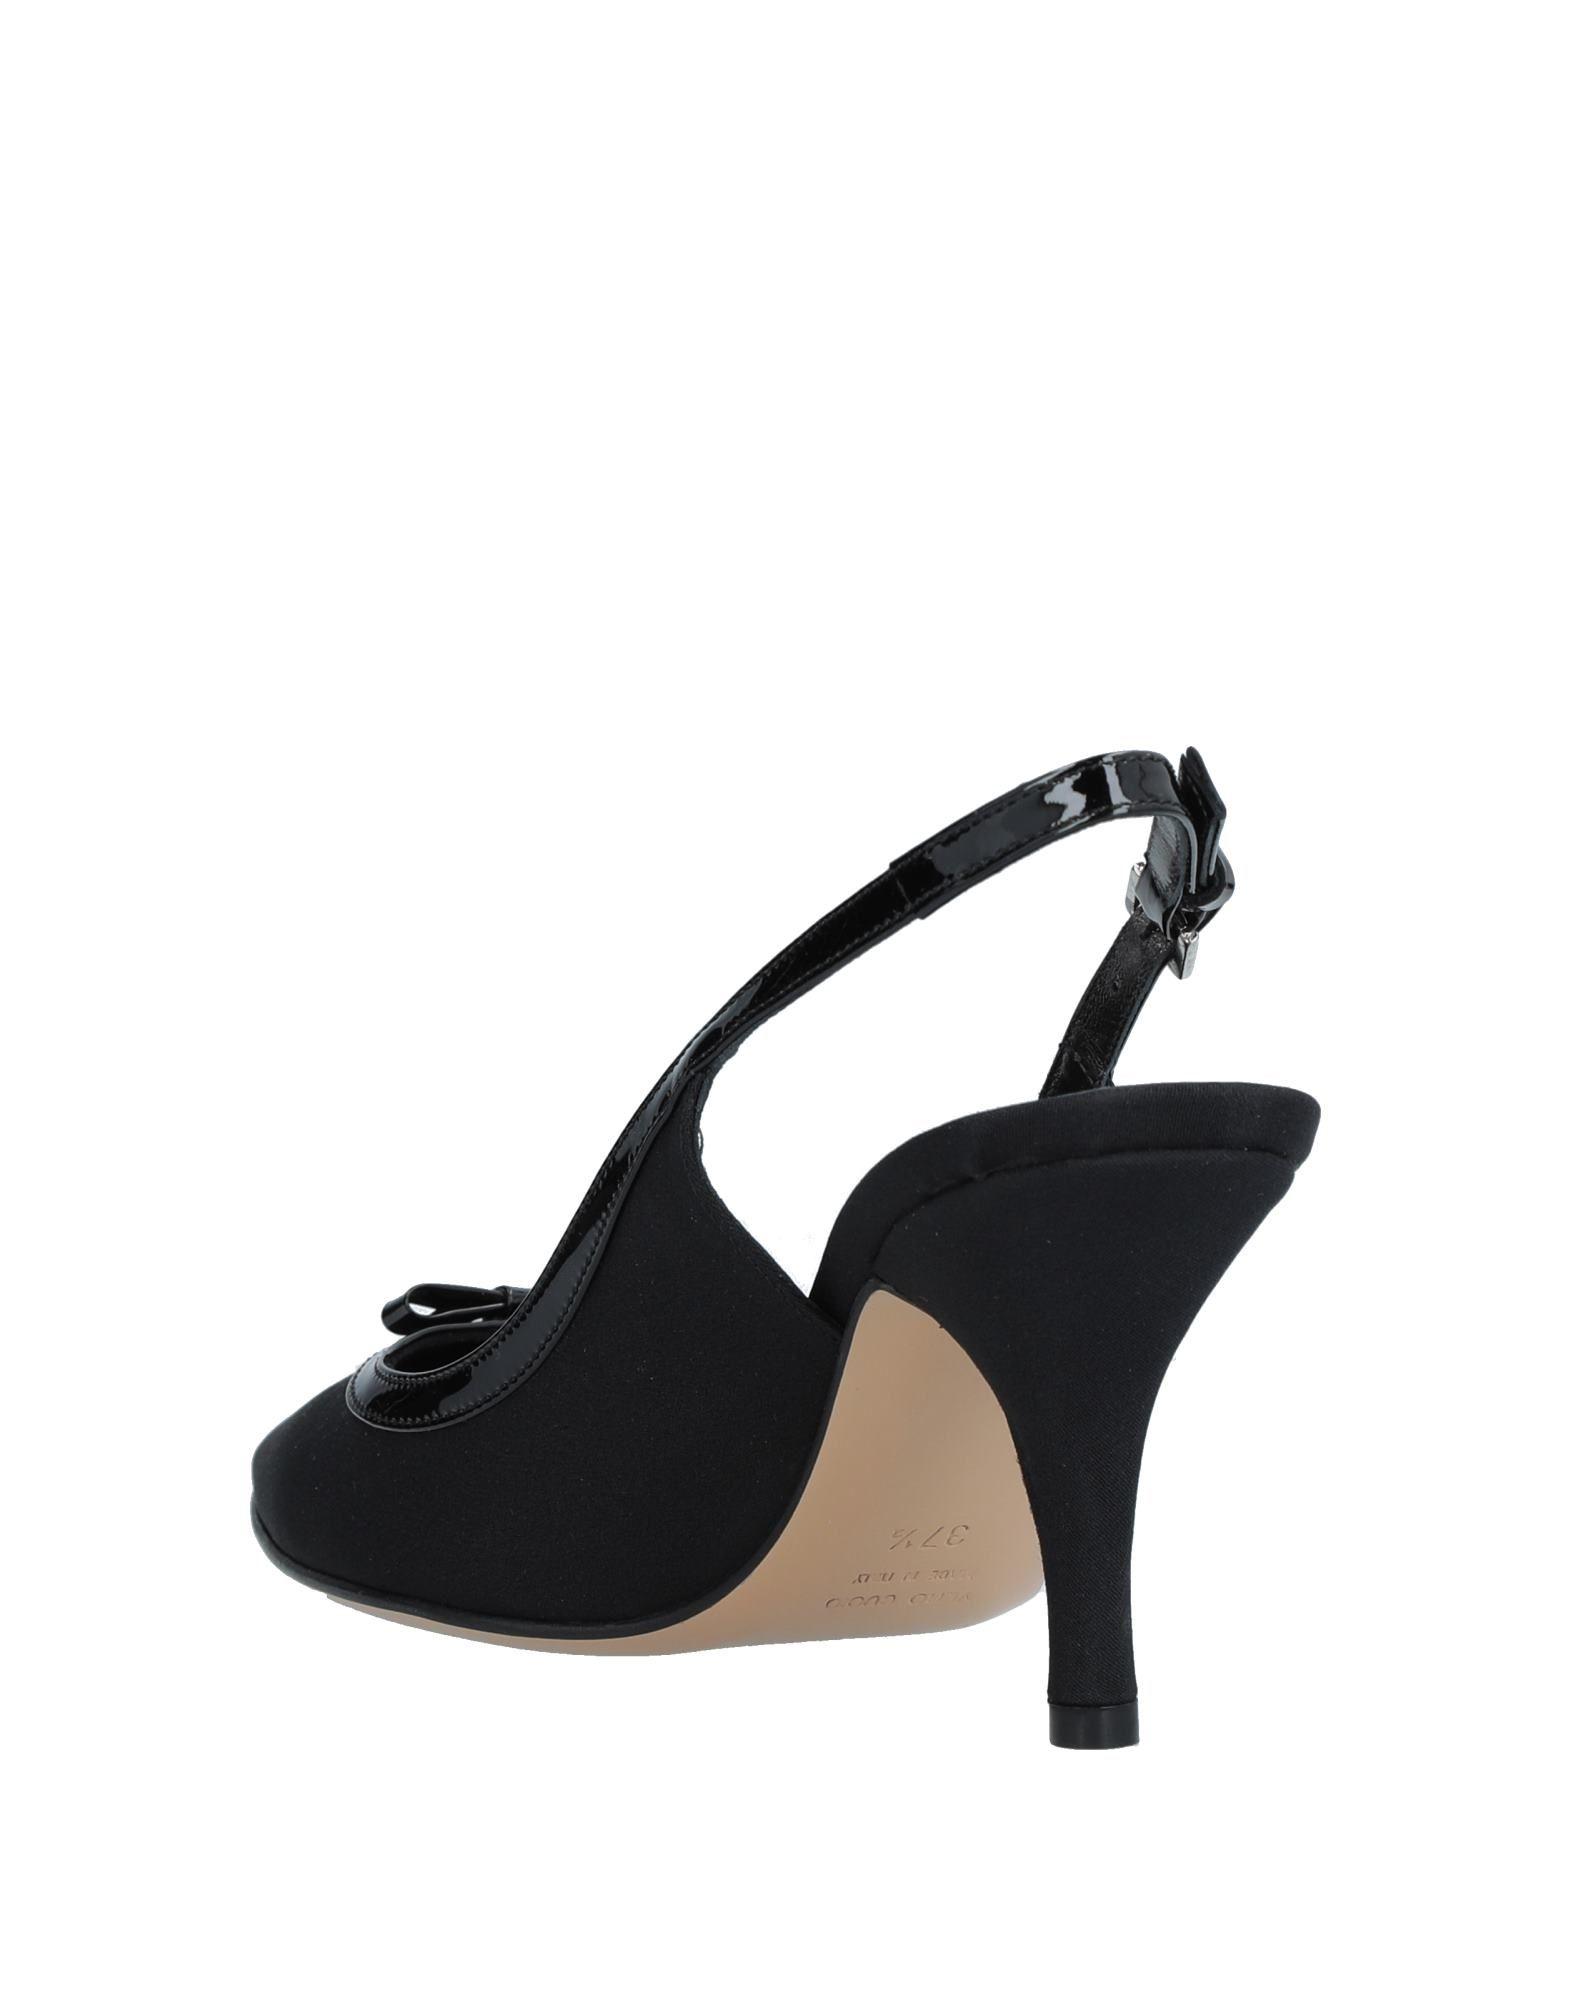 Maria Cristina Pumps Damen Schuhe  11528761RC Neue Schuhe Damen 01d67e